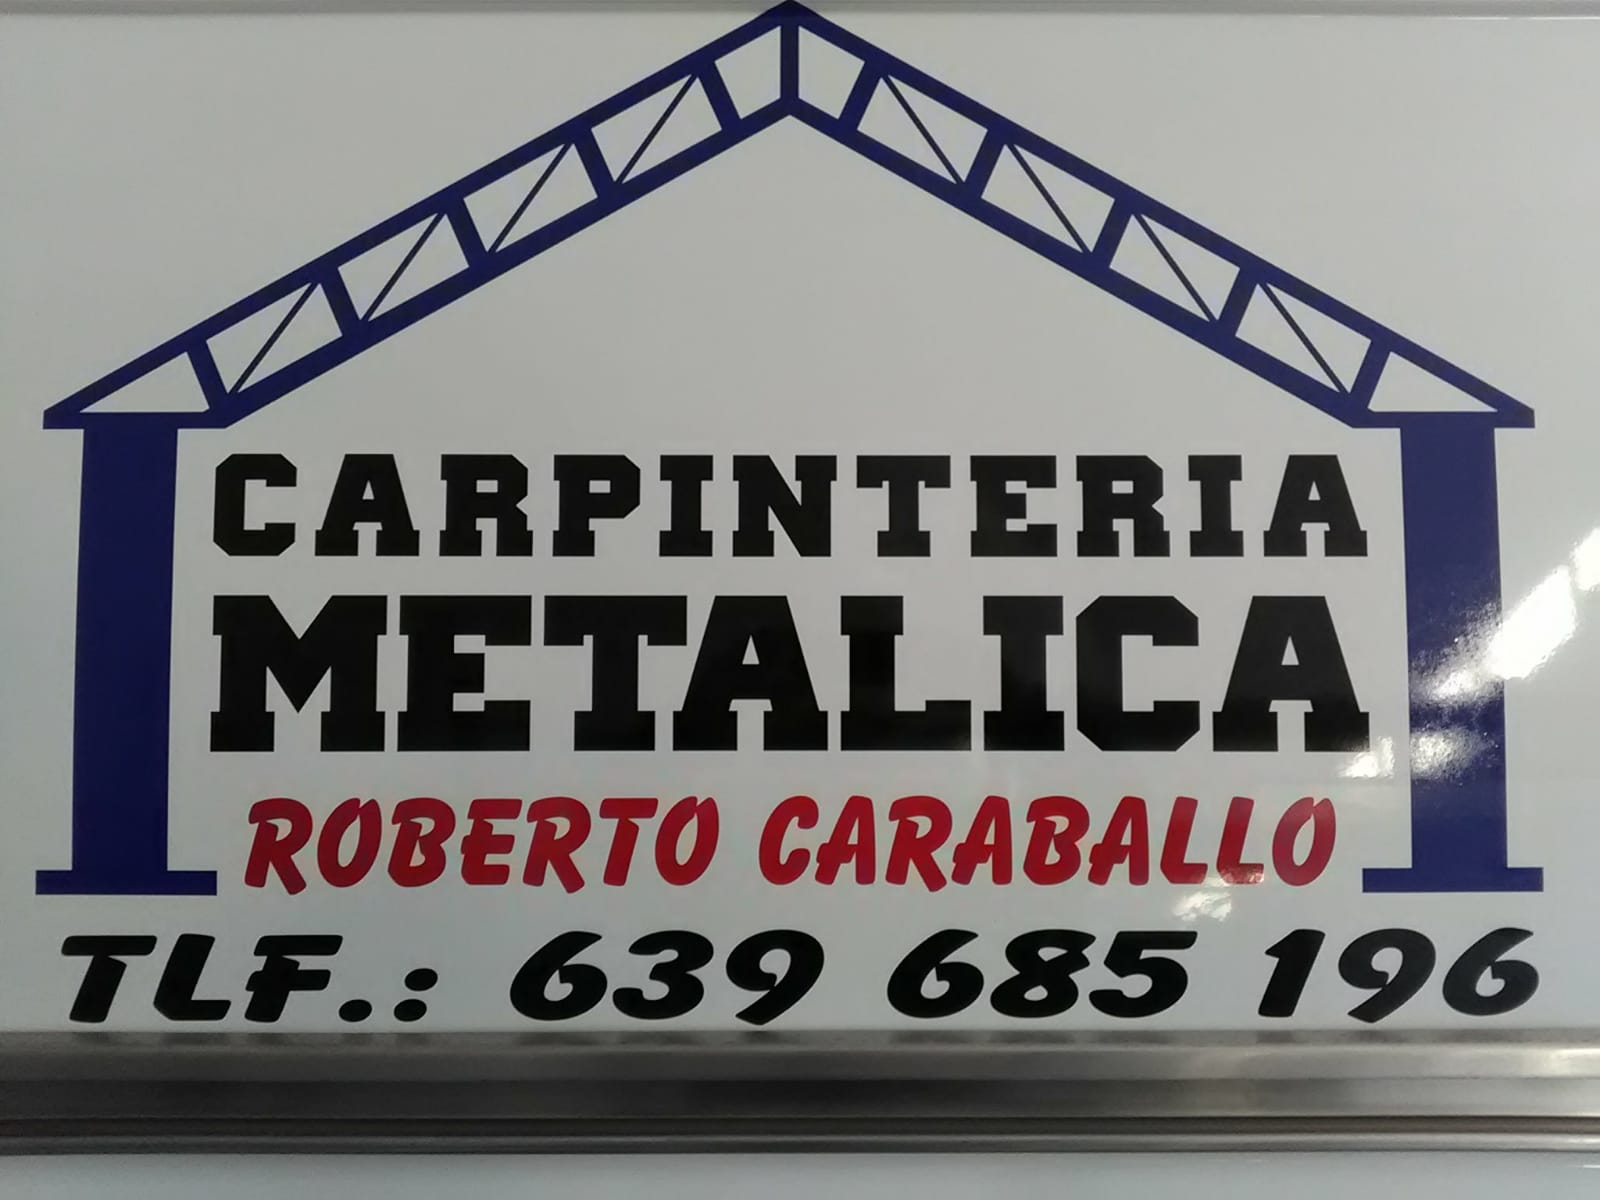 CARPINTERIA METALICA ROBERTO CARABALLO